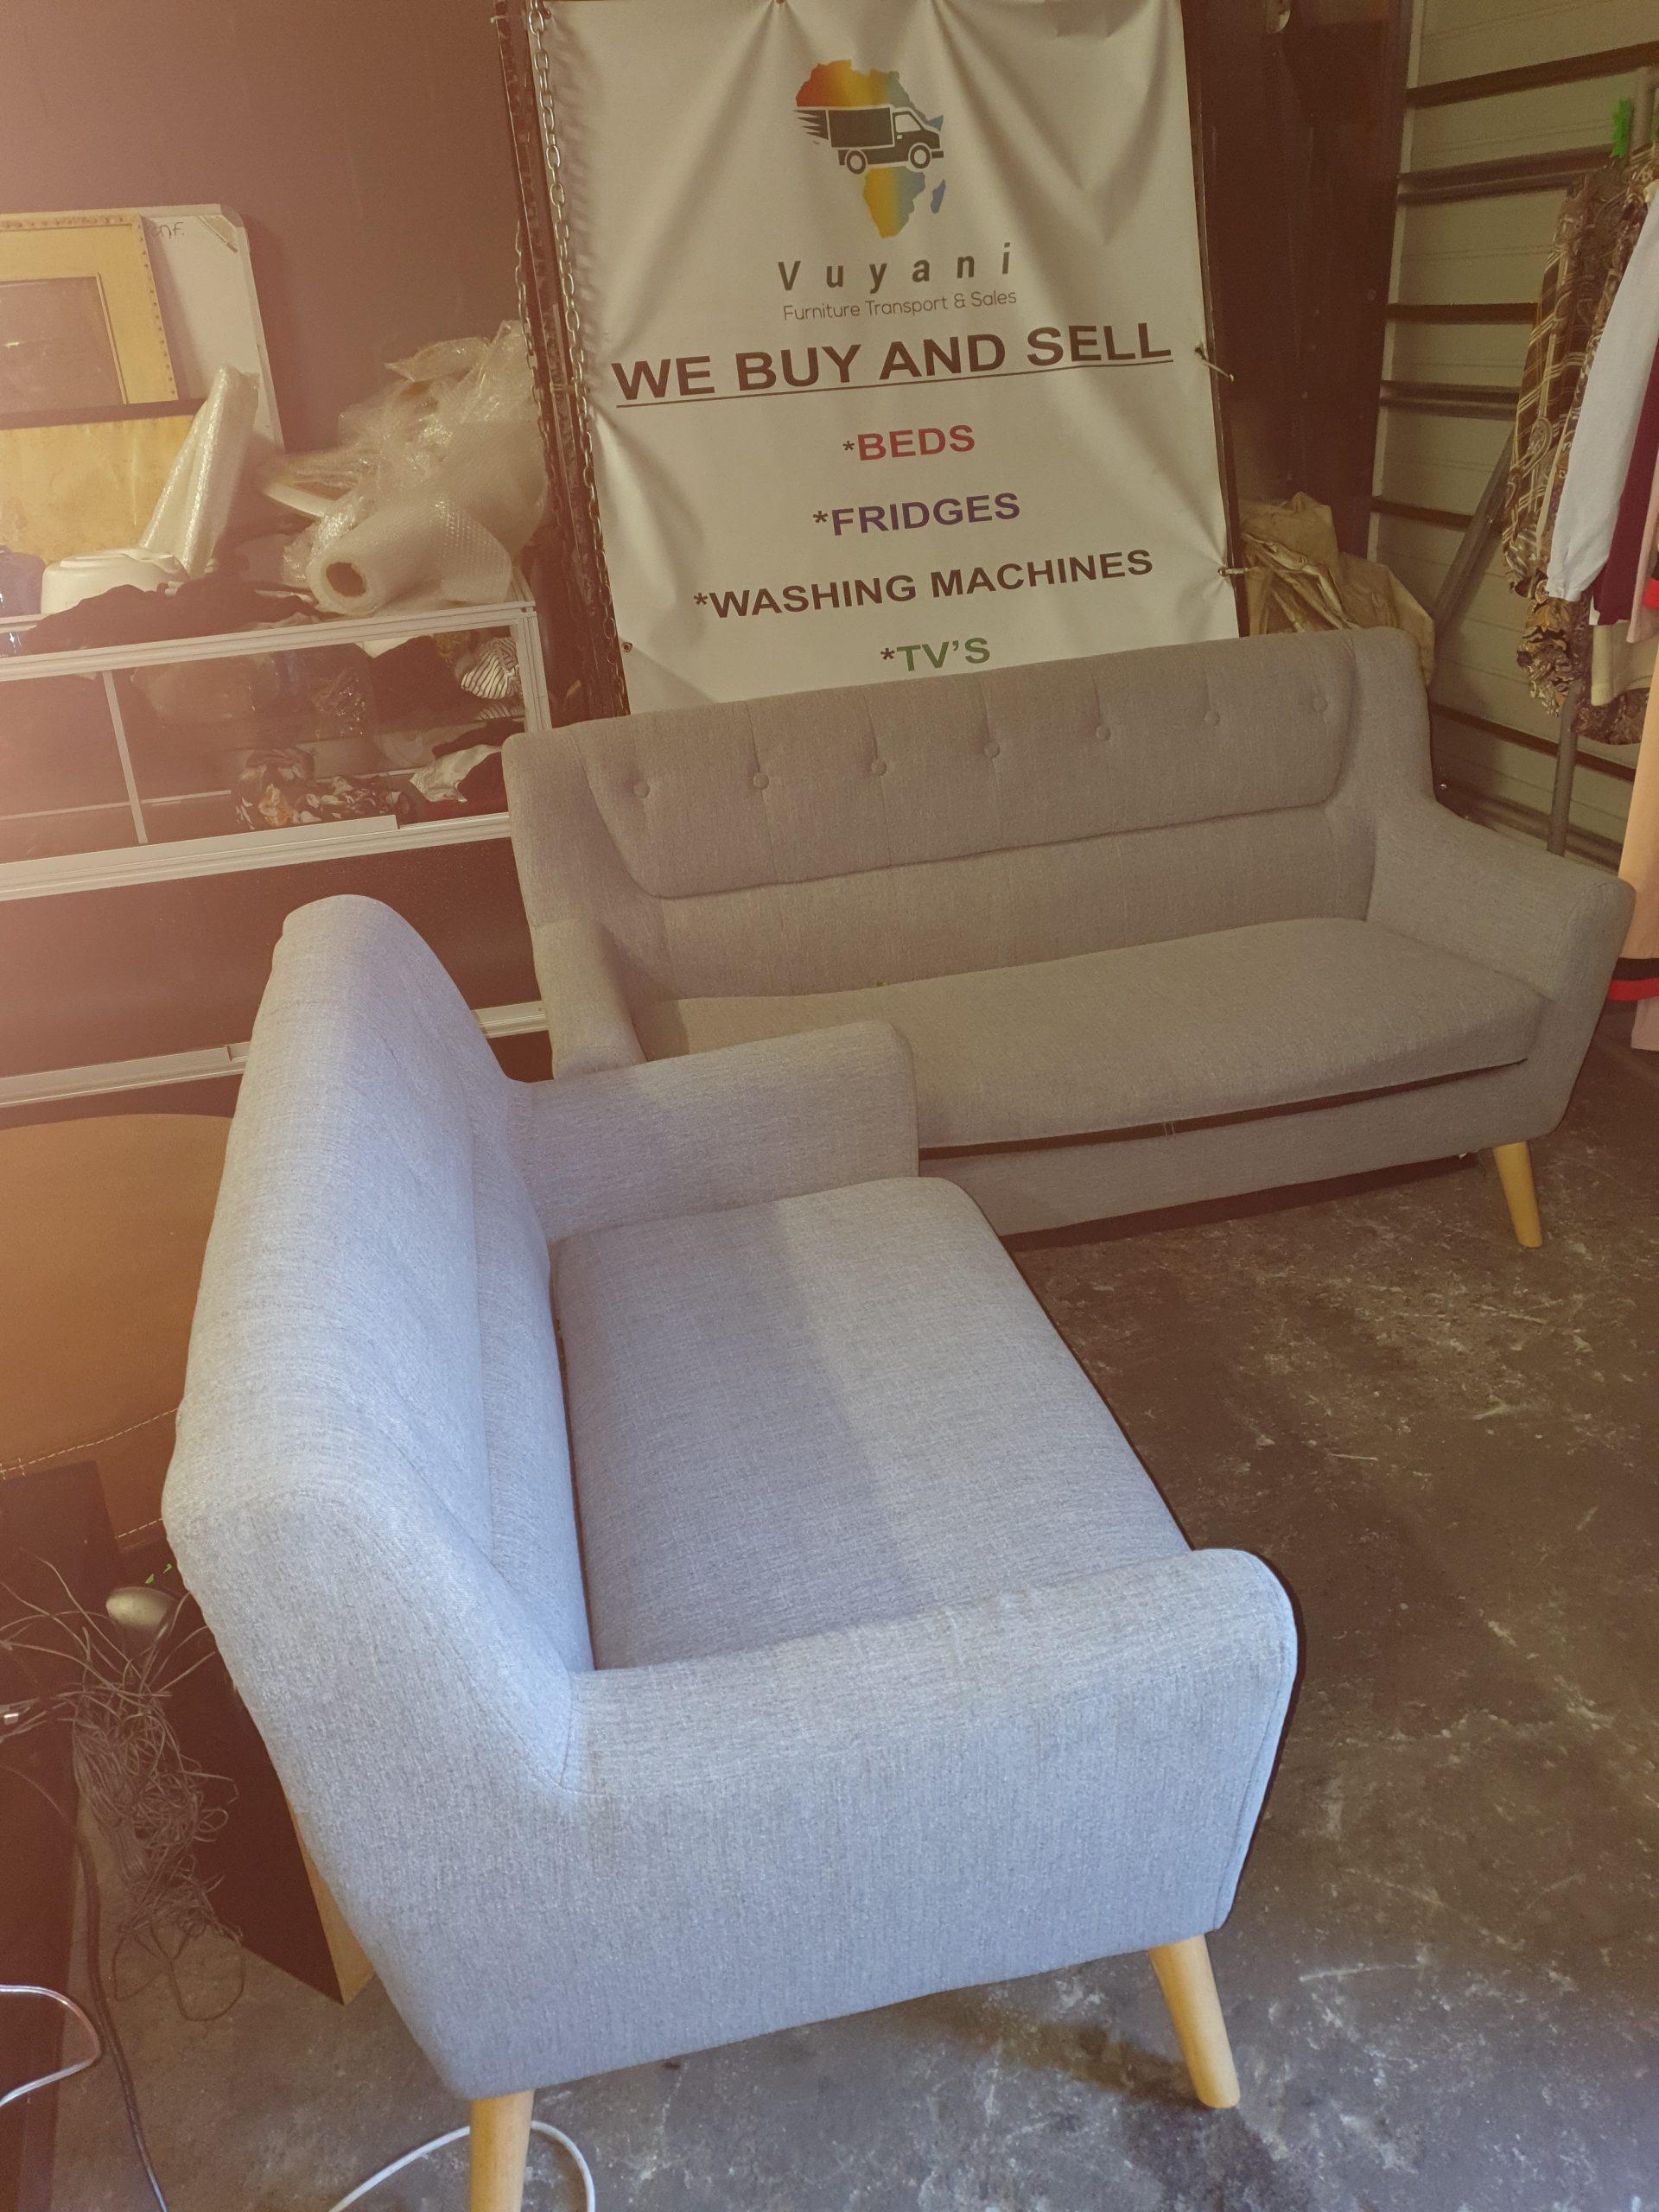 Picture of: Decofurn Jinn Couches Vuyani Furniture Transport Sales